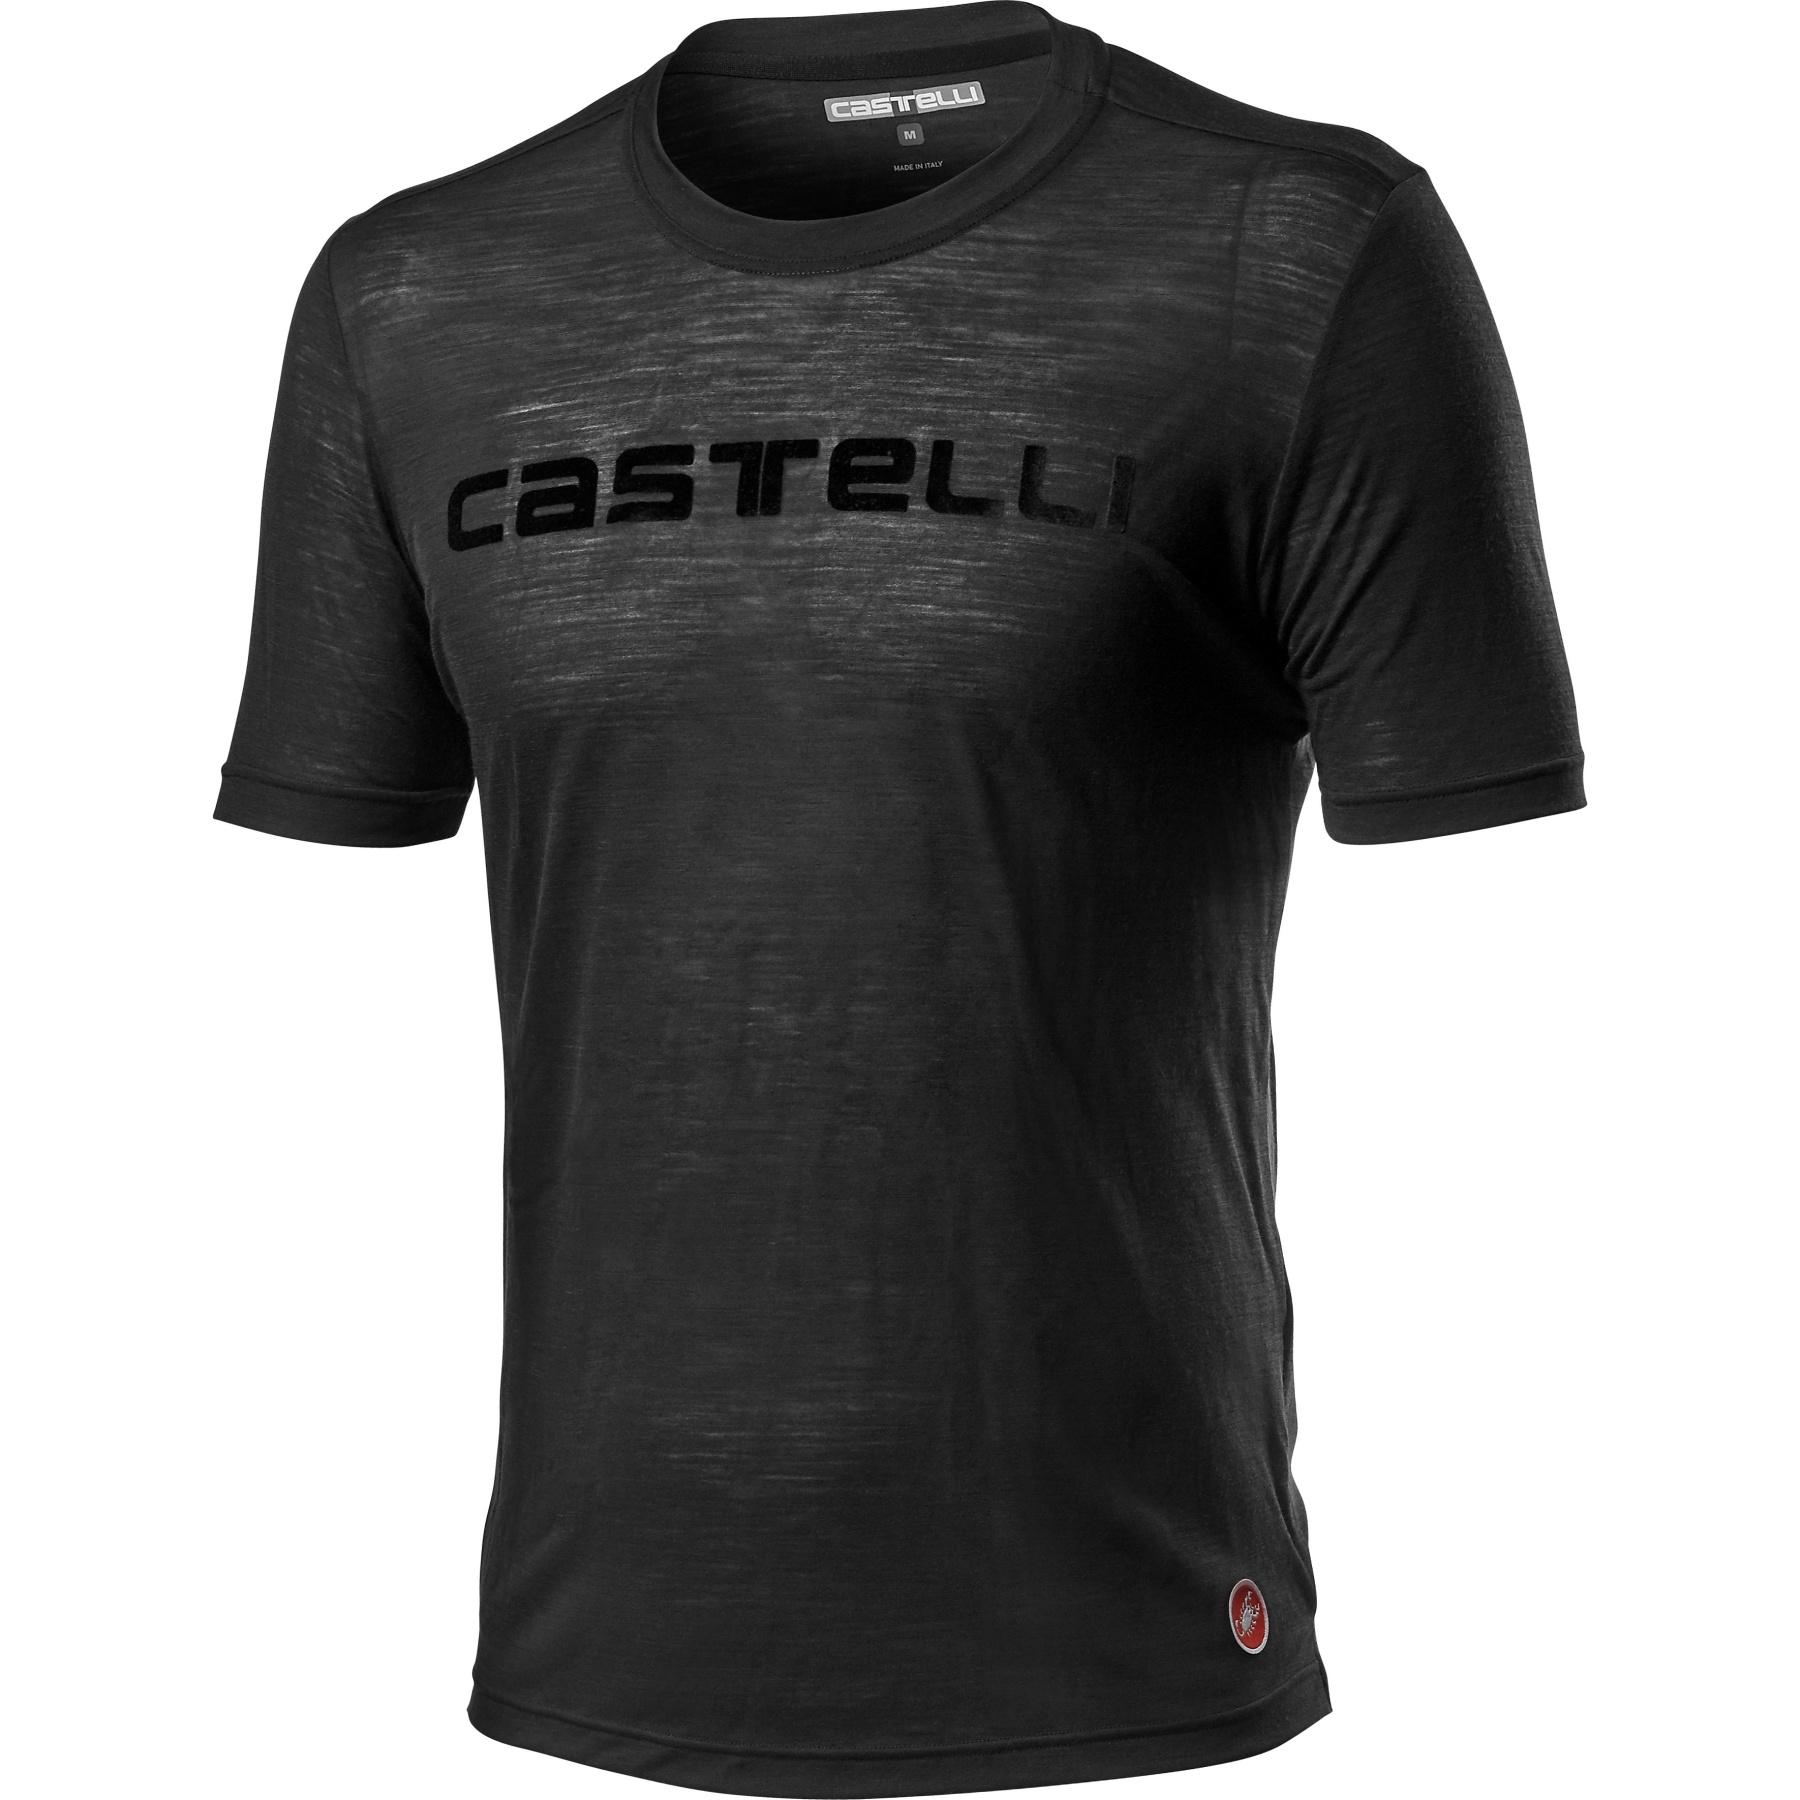 Produktbild von Castelli Merino T-Shirt - light black 085